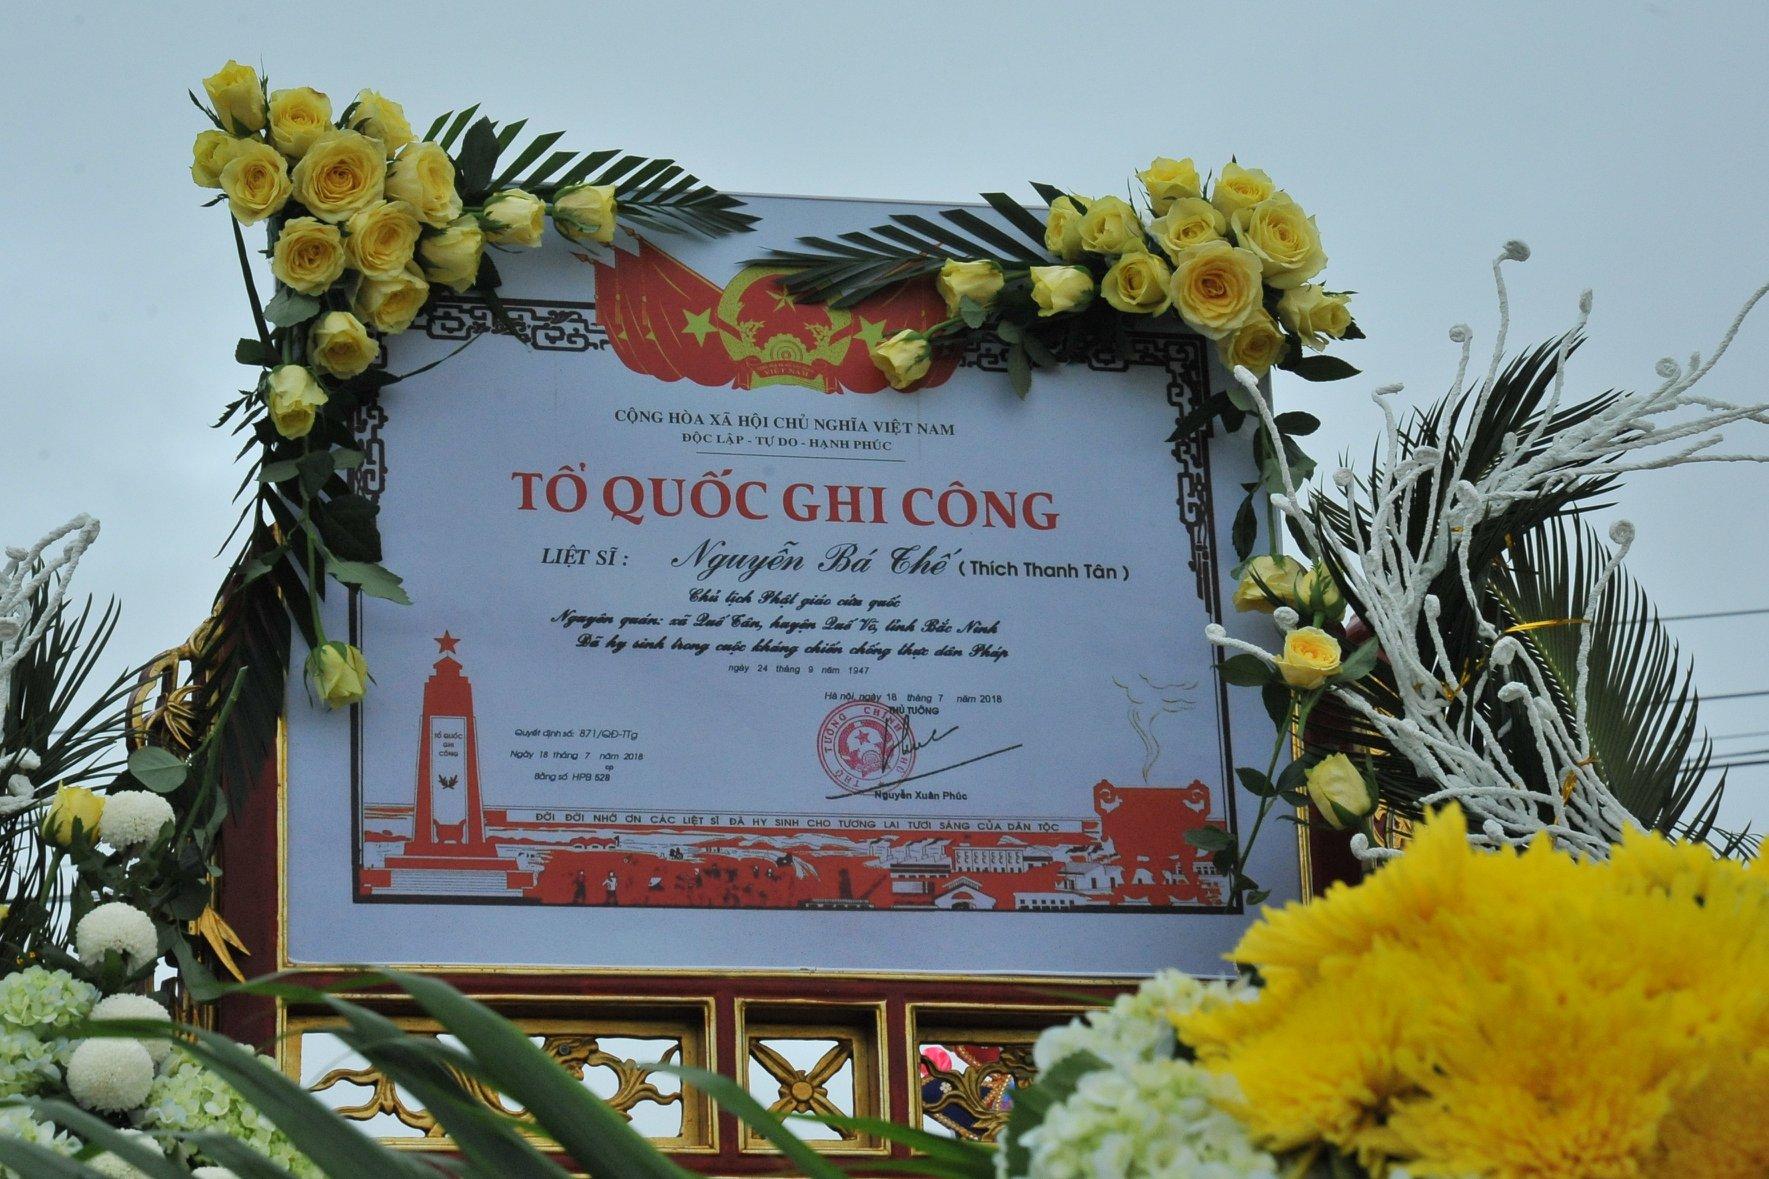 Bắc Giang: Tổ chức lễ rước hài cốt và truy điệu liệt sĩ Nguyễn Bá Thế - Giác Linh Thích Thanh Tân tại cahùa Vĩnh Nghiêm